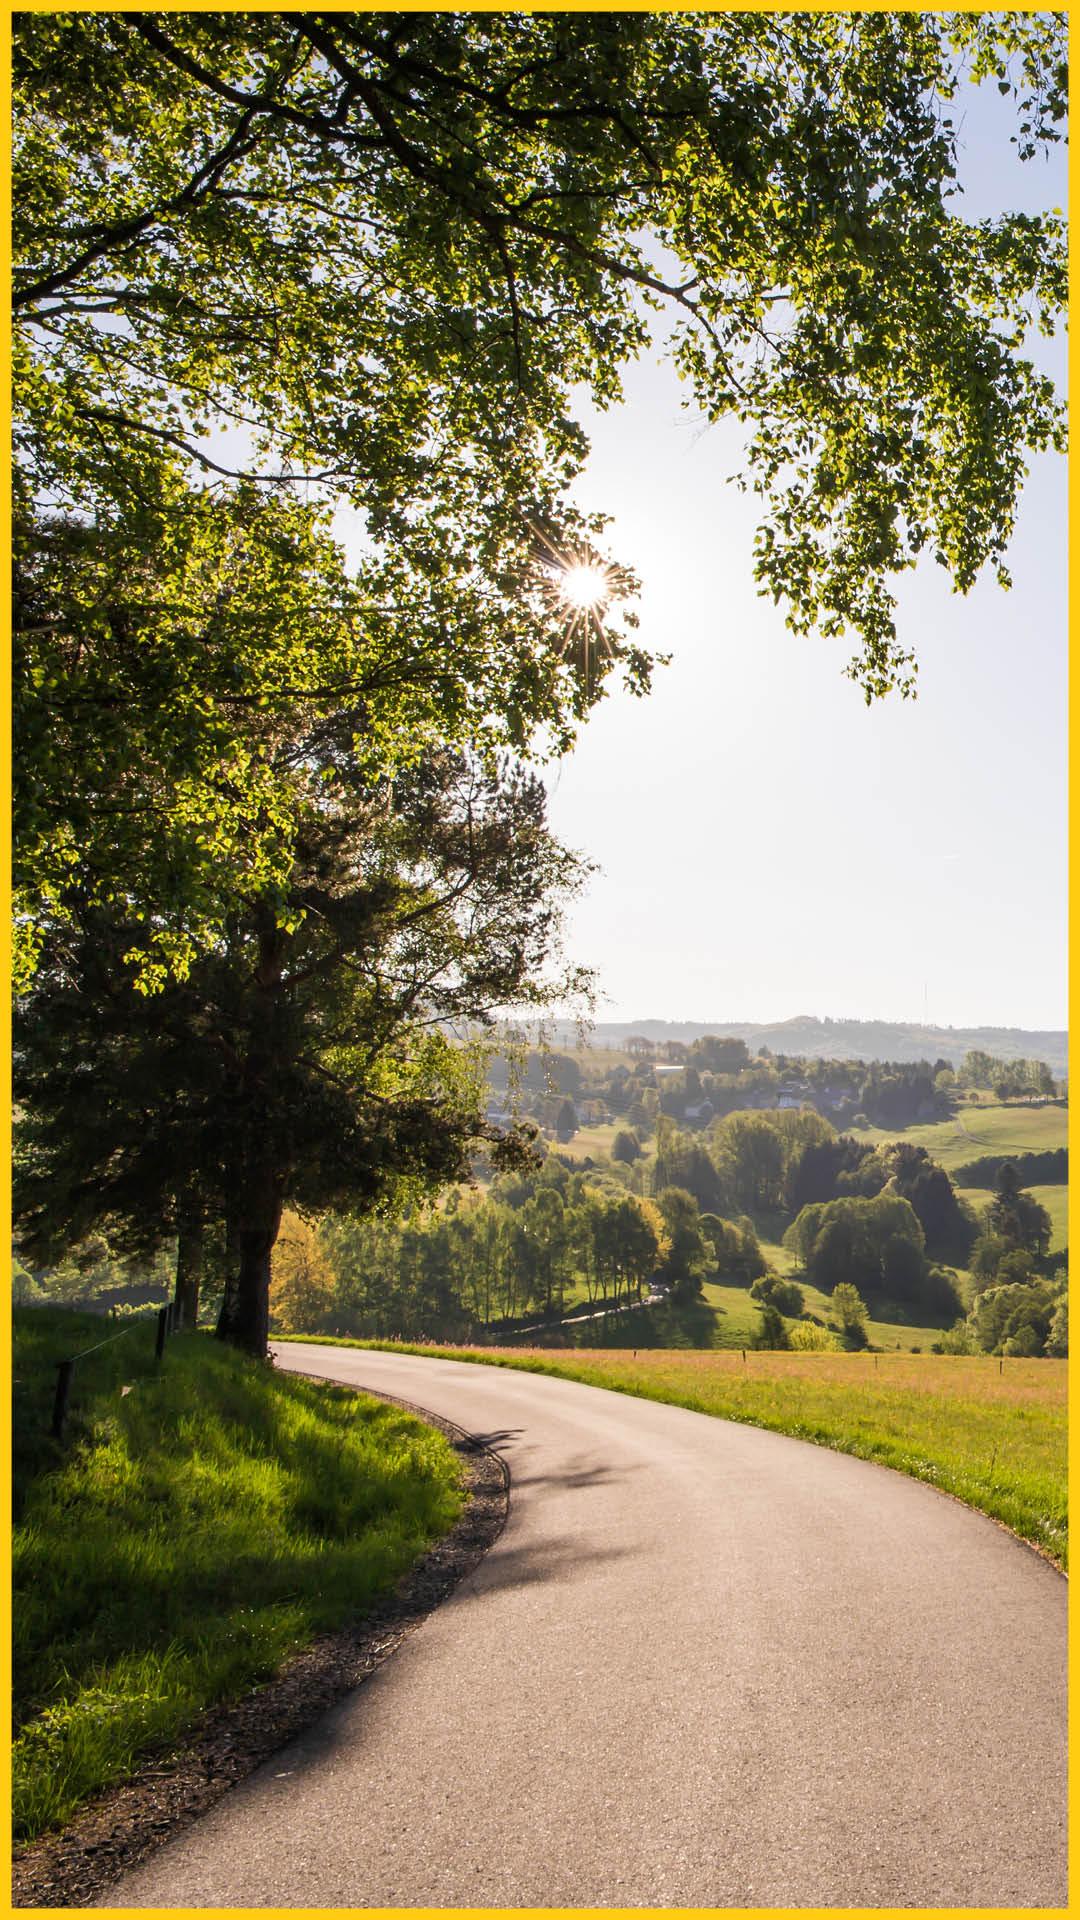 Landschaft in der Rhön mit Wiesen, Wäldern, einer kleinen Straße und einem Dorf auf einem Hügel entlang dem Bierradweg durchgeführt vom Werra Bikes